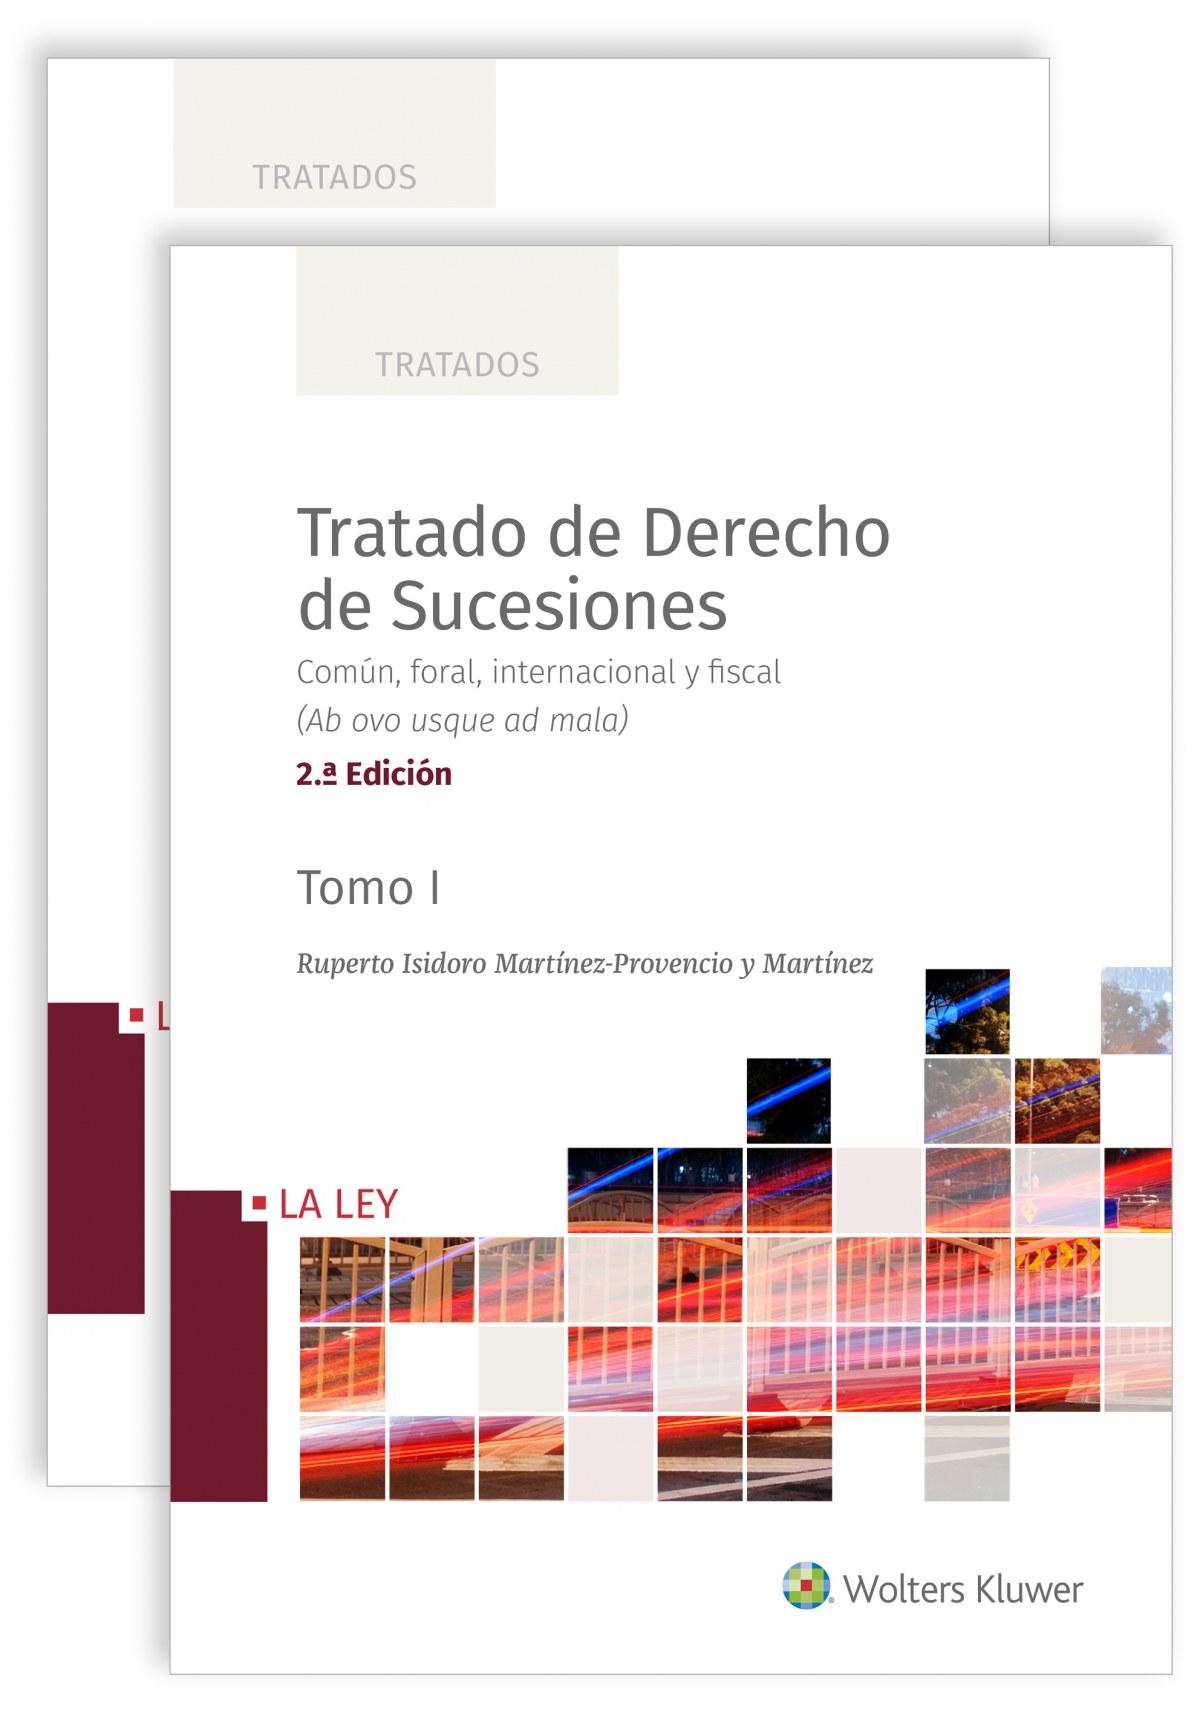 Tratado de derecho de sucesiones (2.ª Edición)